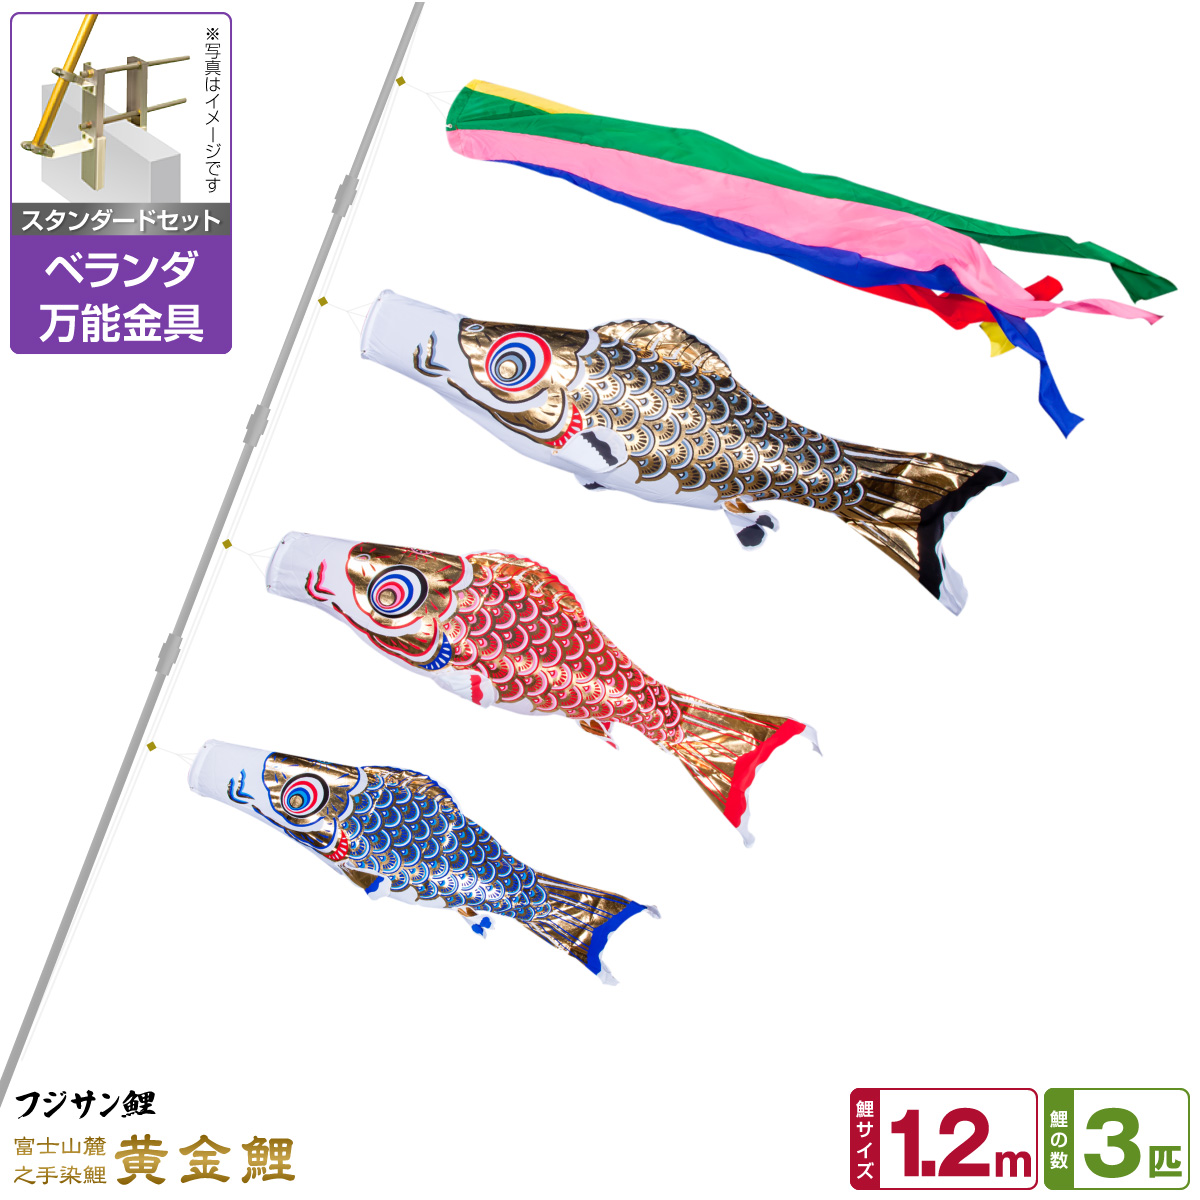 ベランダ用 こいのぼり 鯉のぼり フジサン鯉 黄金鯉 1.2m 6点(吹流し+鯉3匹+矢車+ロープ)/スタンダードセット(万能取付金具)